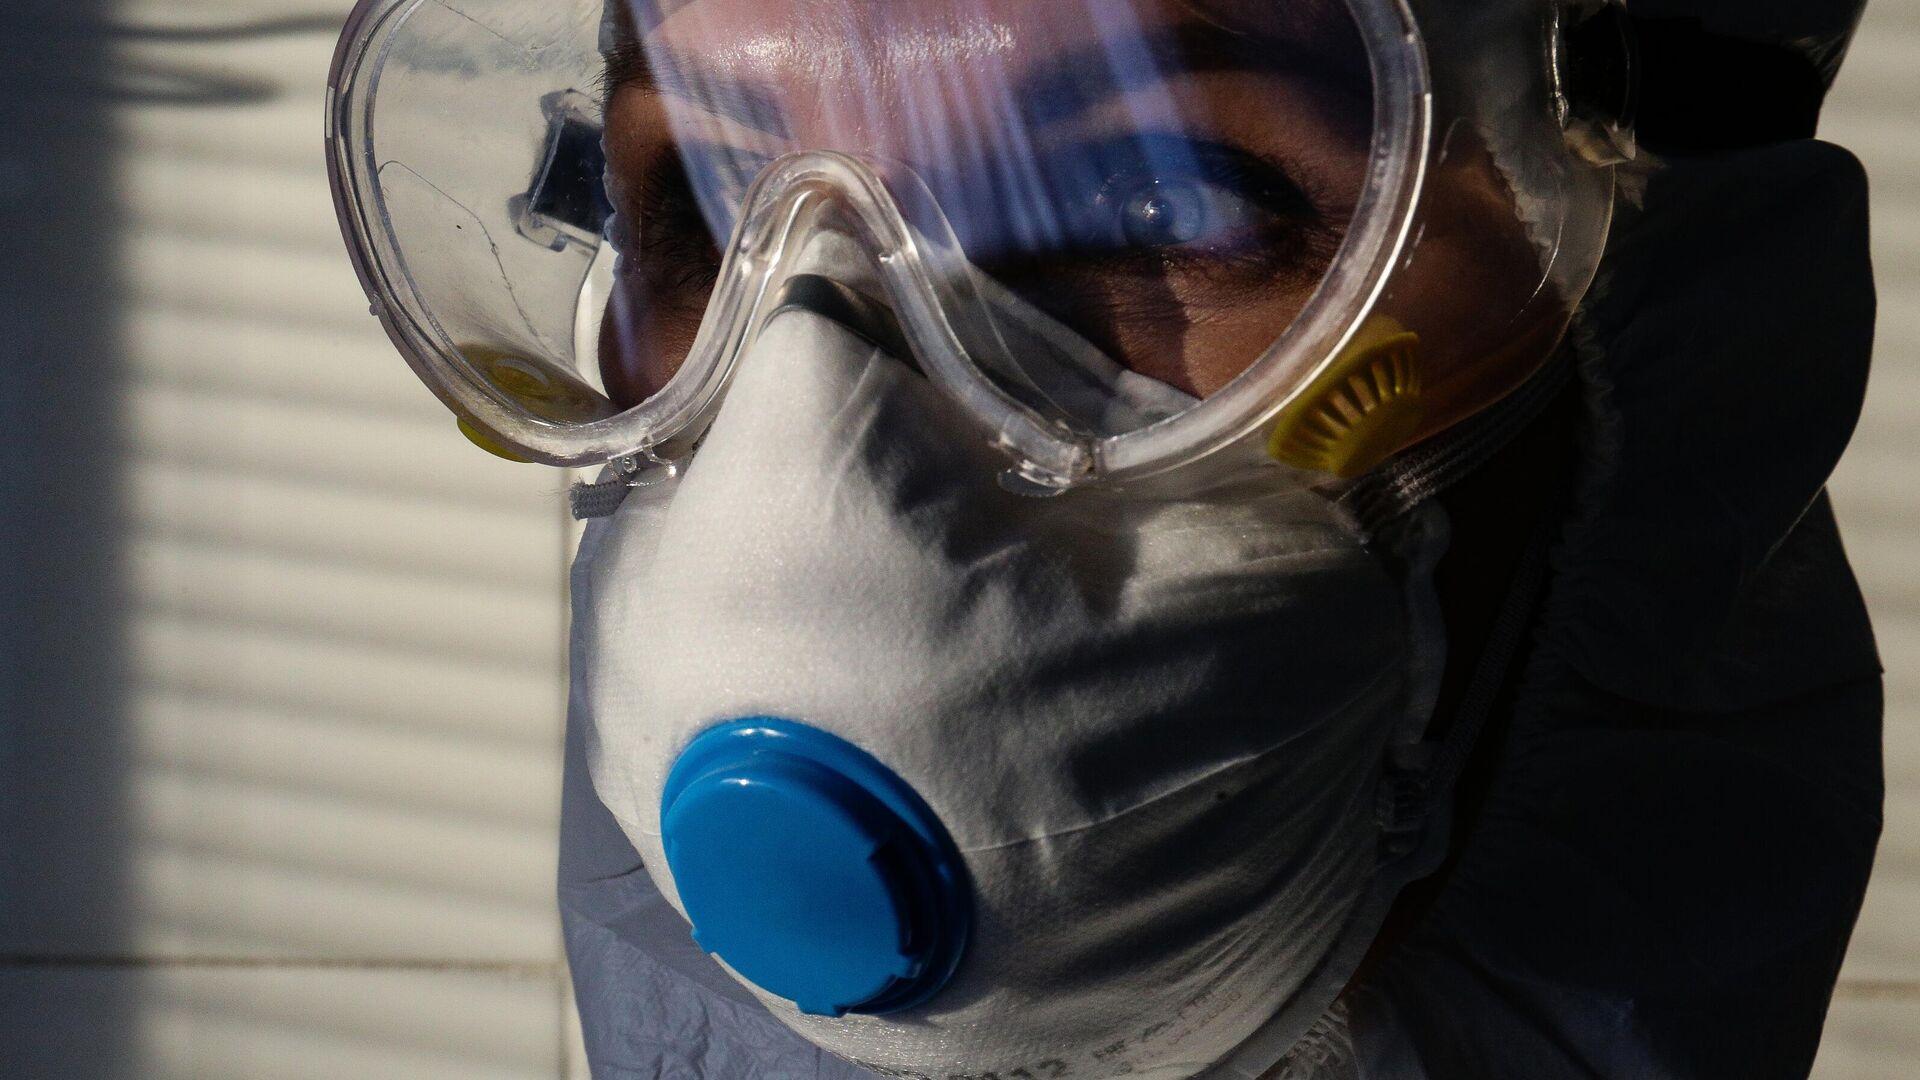 Врач Новосибирской областной клинической больницы в защитном противоэпидемическом костюме - РИА Новости, 1920, 07.02.2021